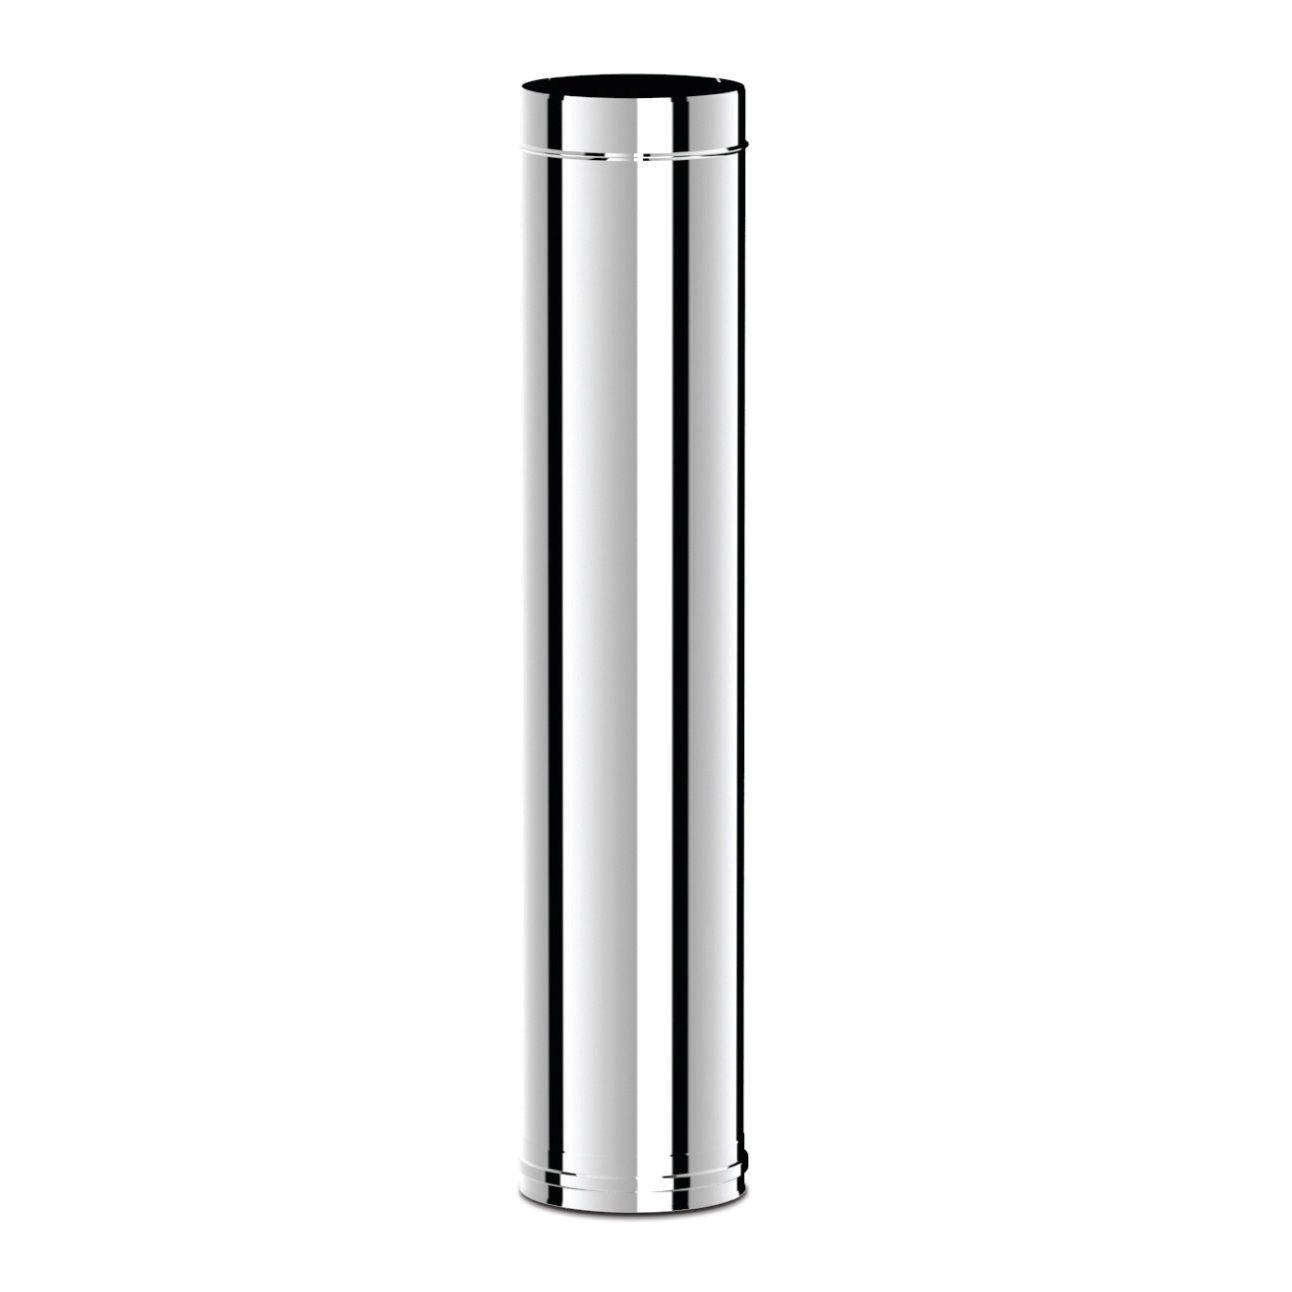 Ø180 Труба дымоходная 1000 mm (inox 304)